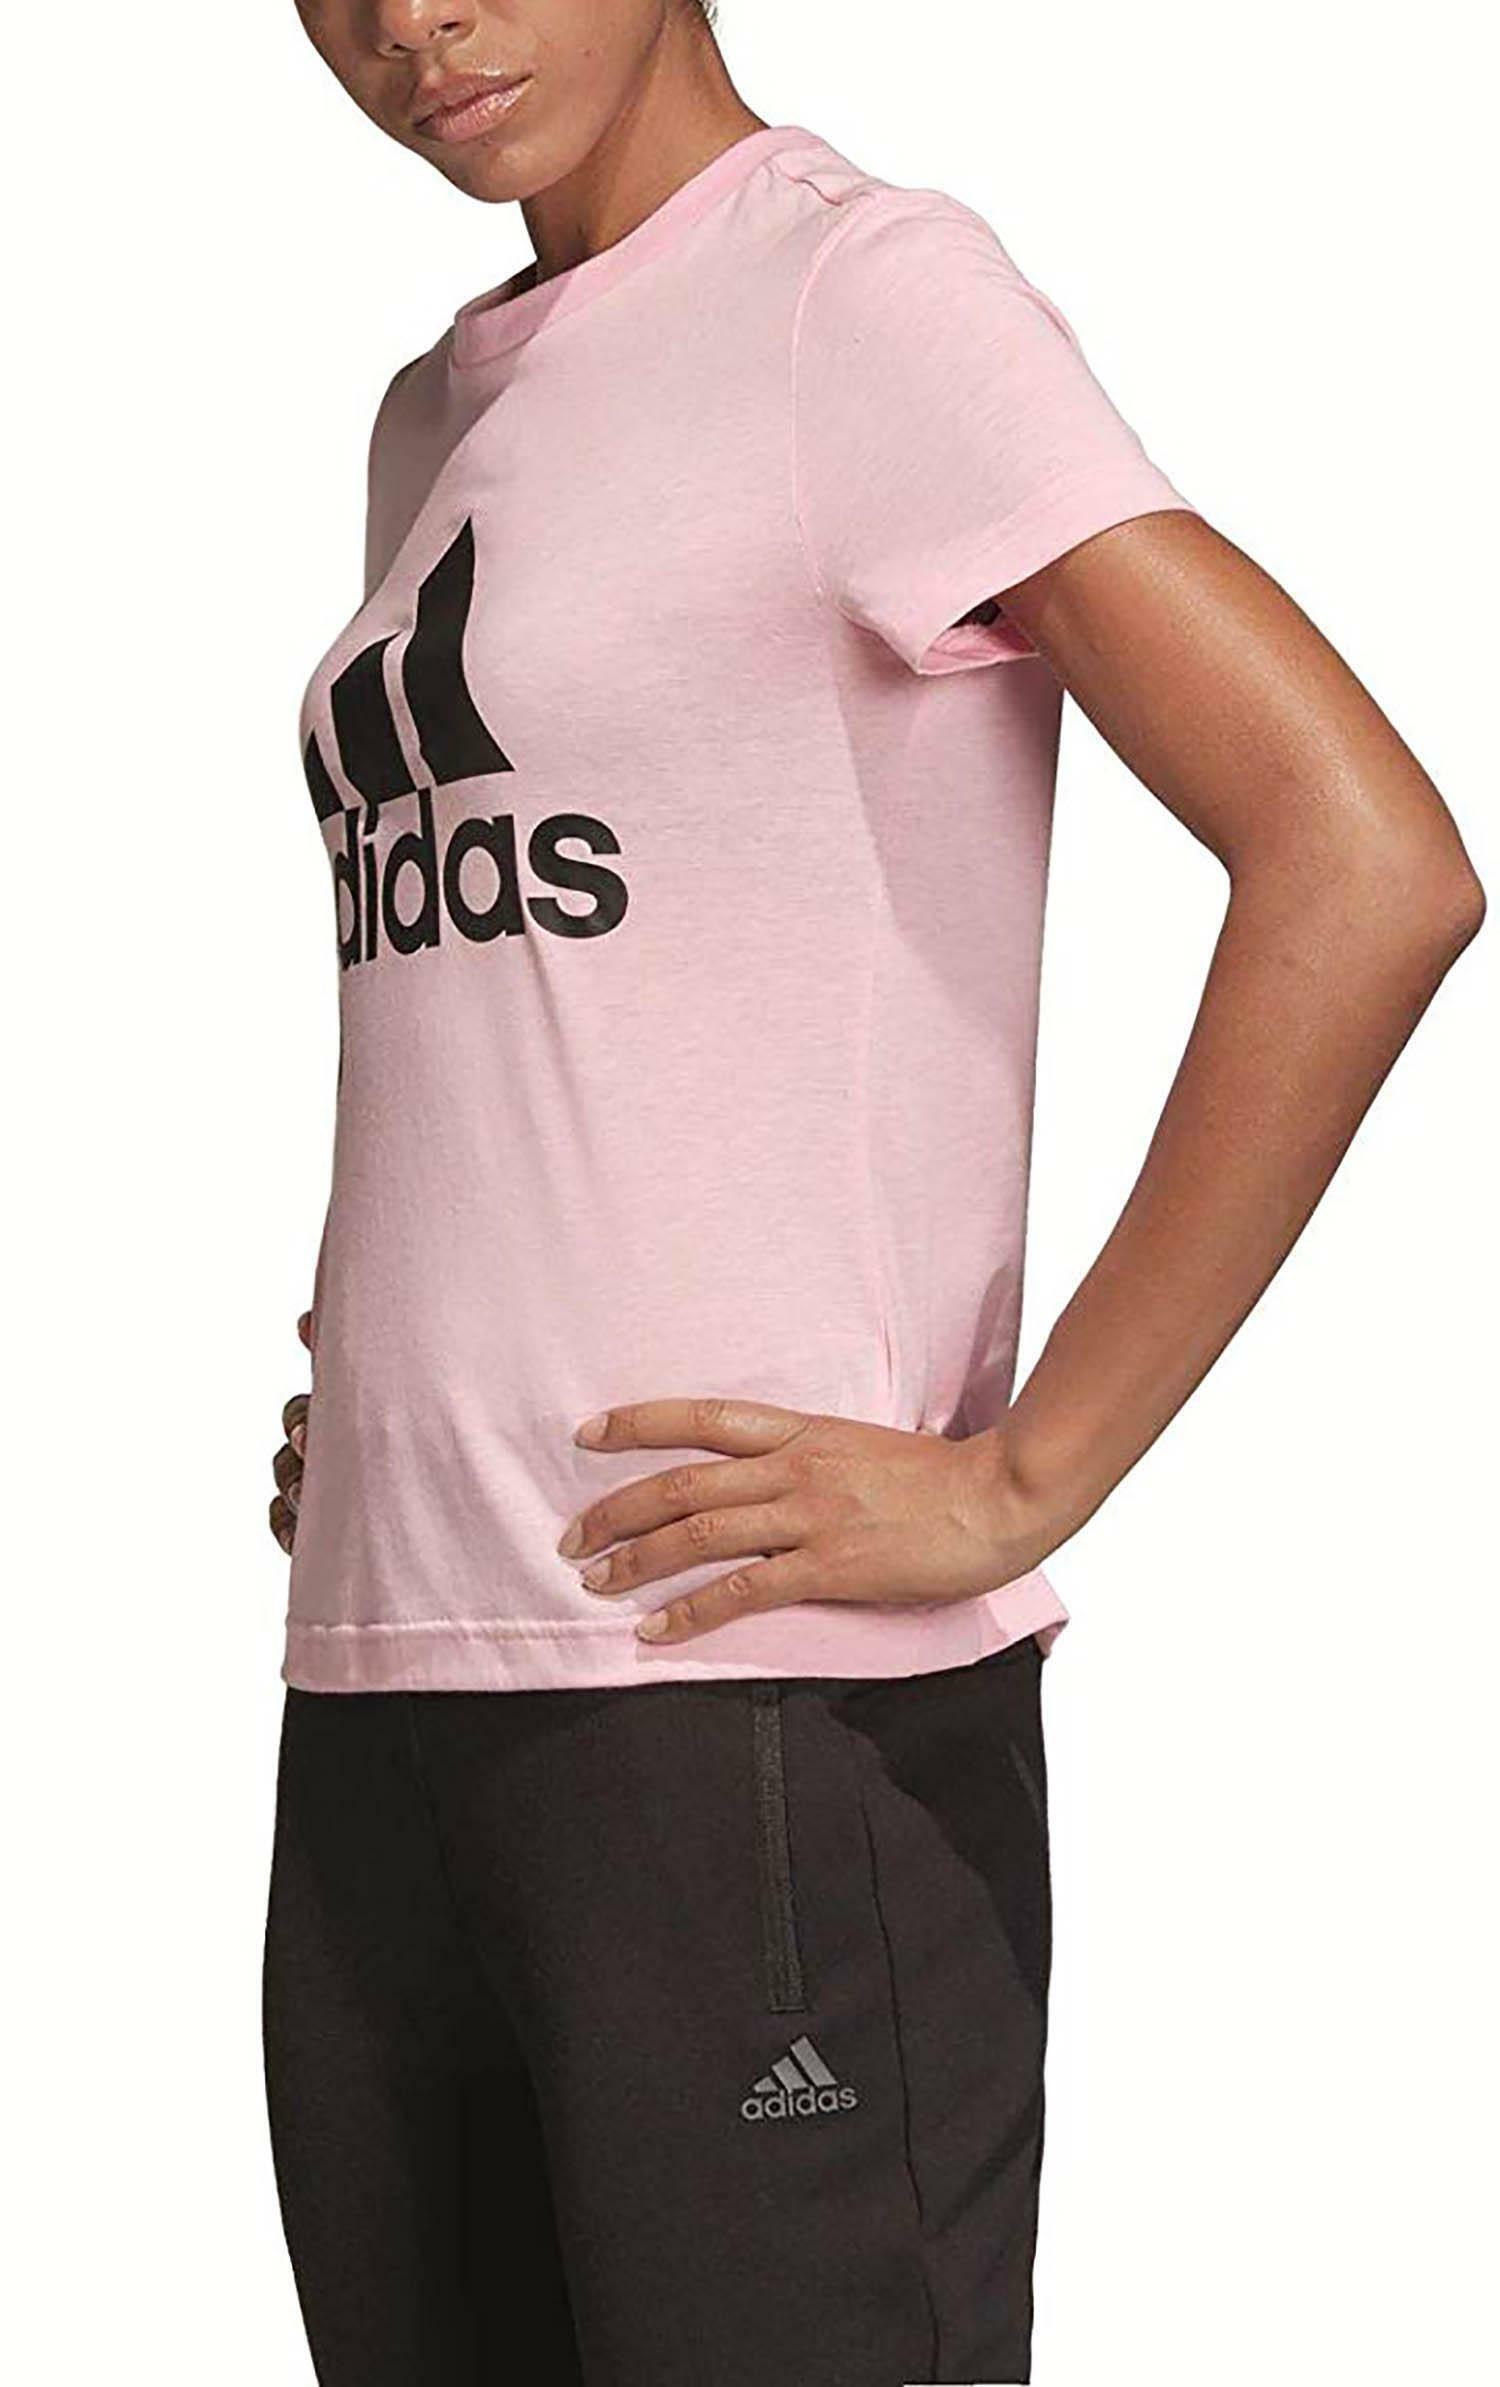 adidas w mh bos tee t-shirt donna rosa dz0014